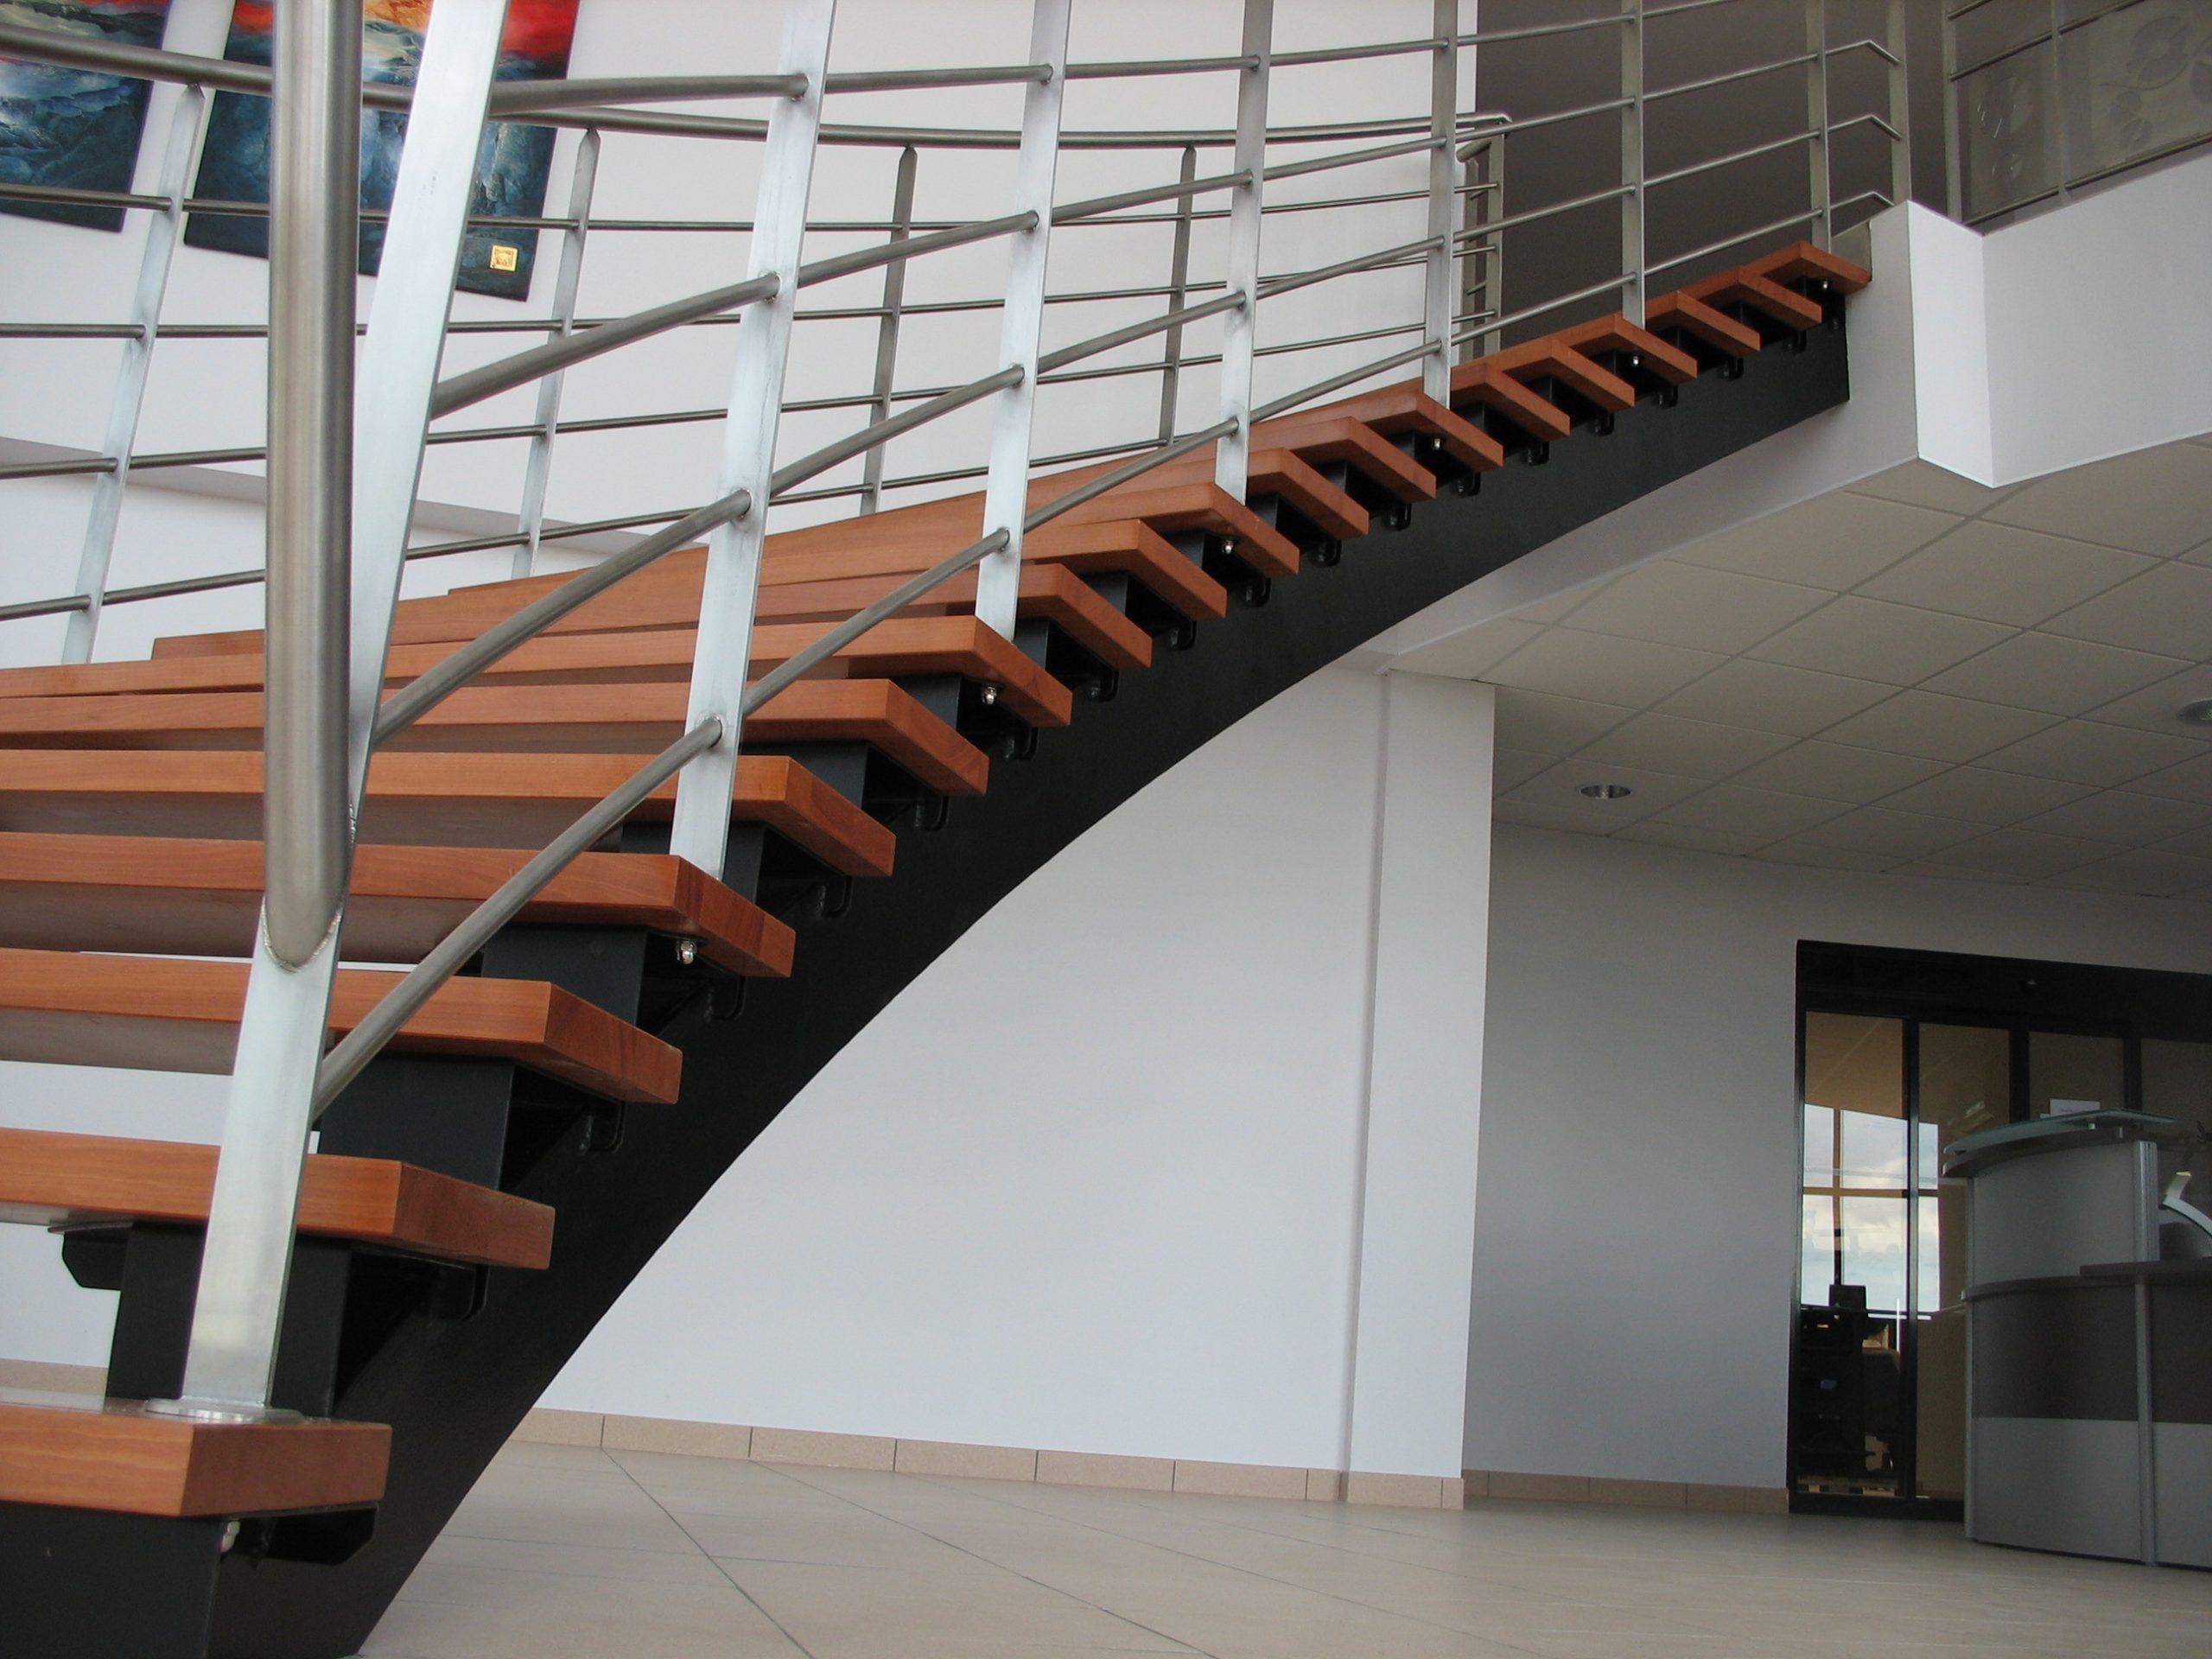 Escalier garde-corps Inox